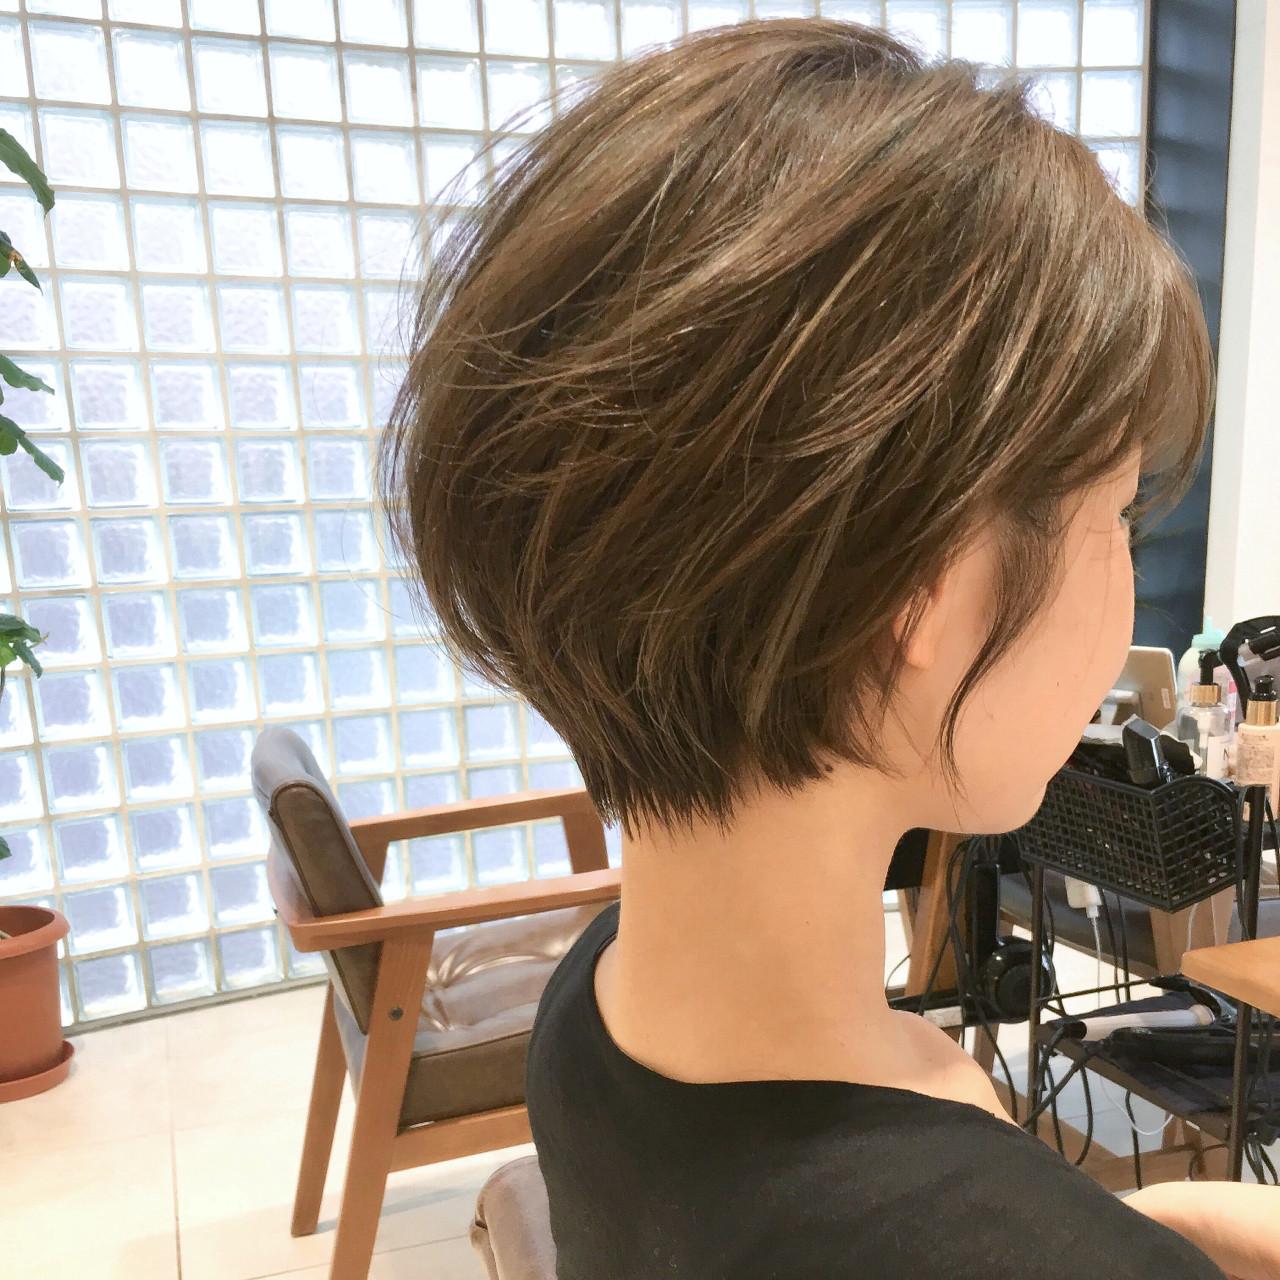 オフィス ナチュラル ショート スポーツ ヘアスタイルや髪型の写真・画像